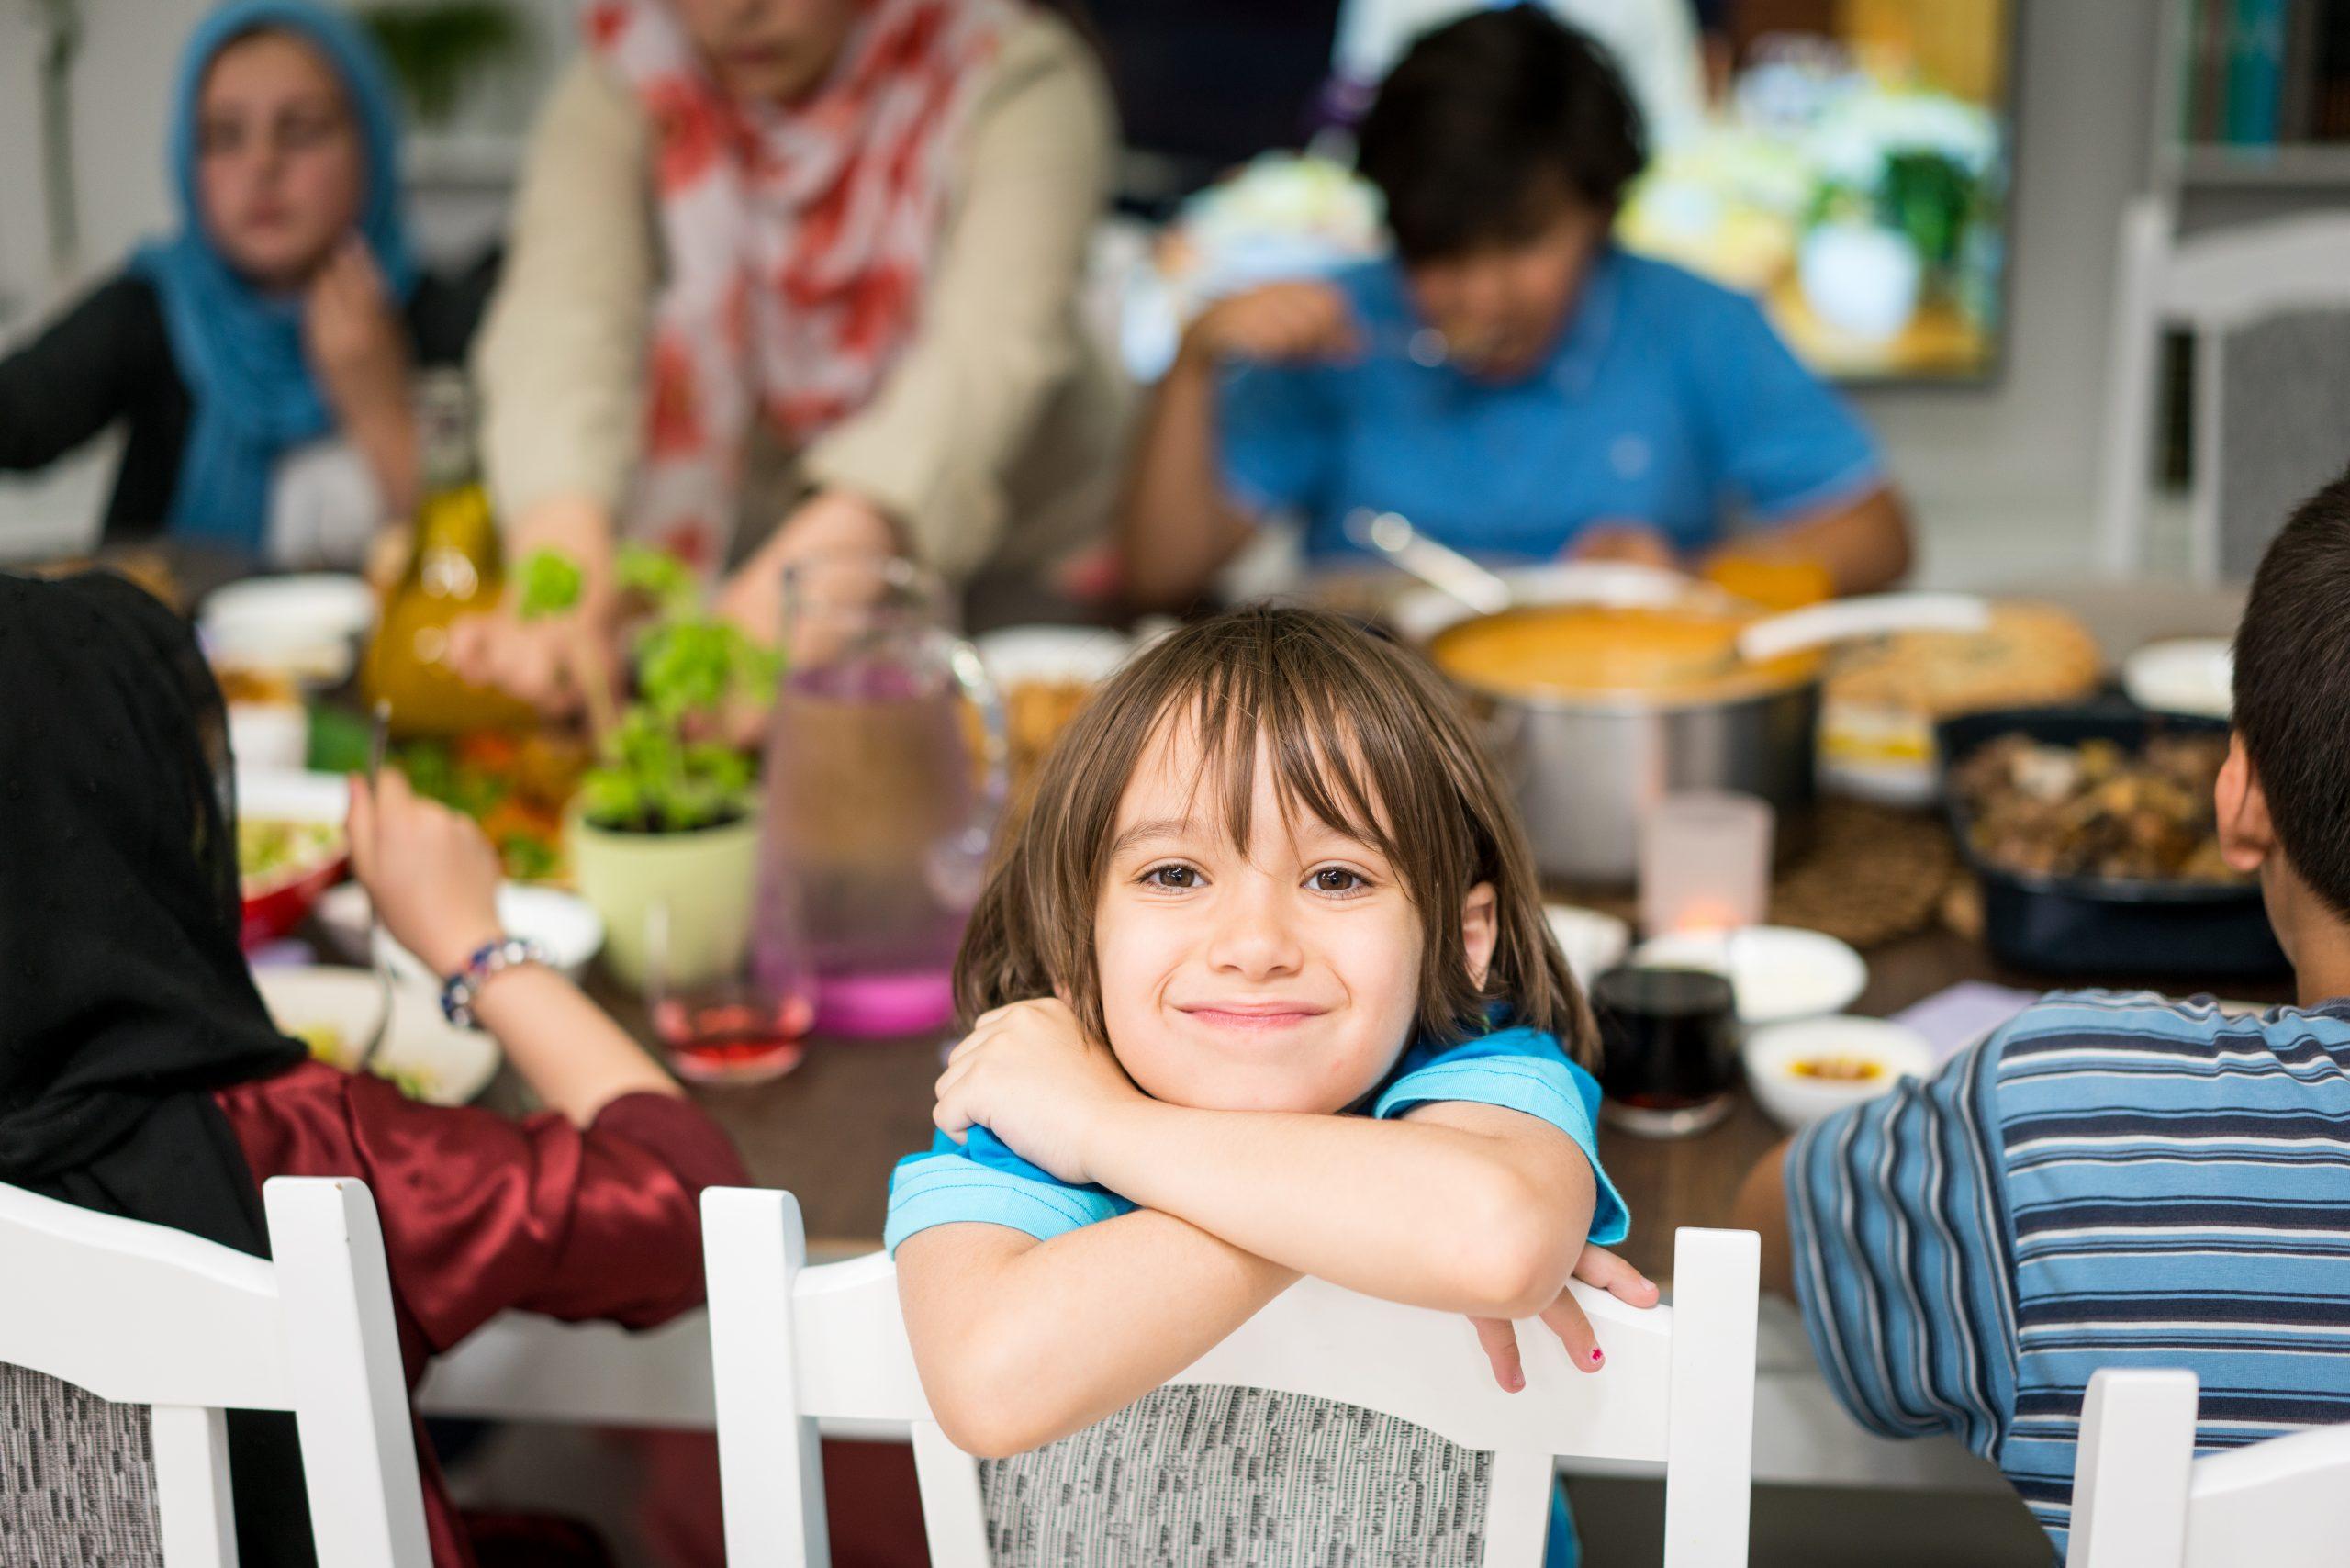 """Çocuk ve Oruç: """"Ailede Çocukla Beraber Şartlara Göre Karar Alınmalı"""""""